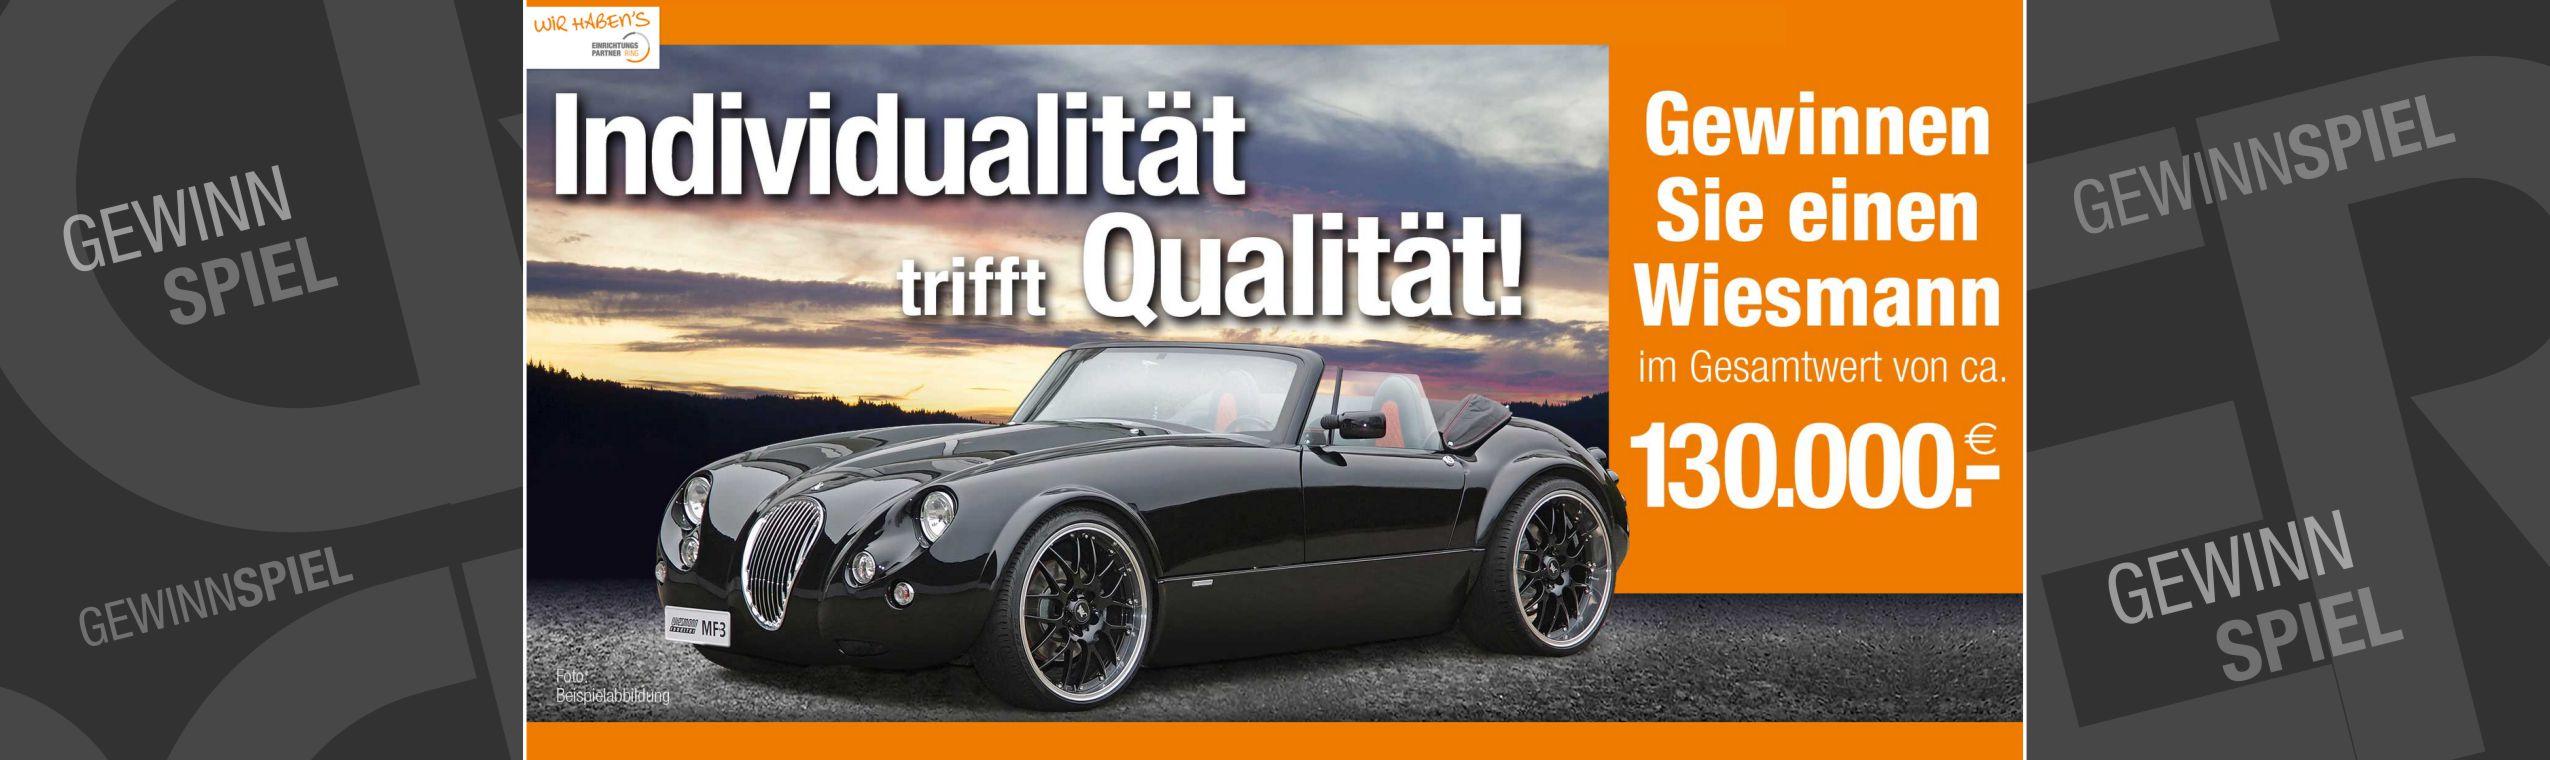 Wunderbar Car Möbel Erfahrungen Fotos - Die Designideen für ...